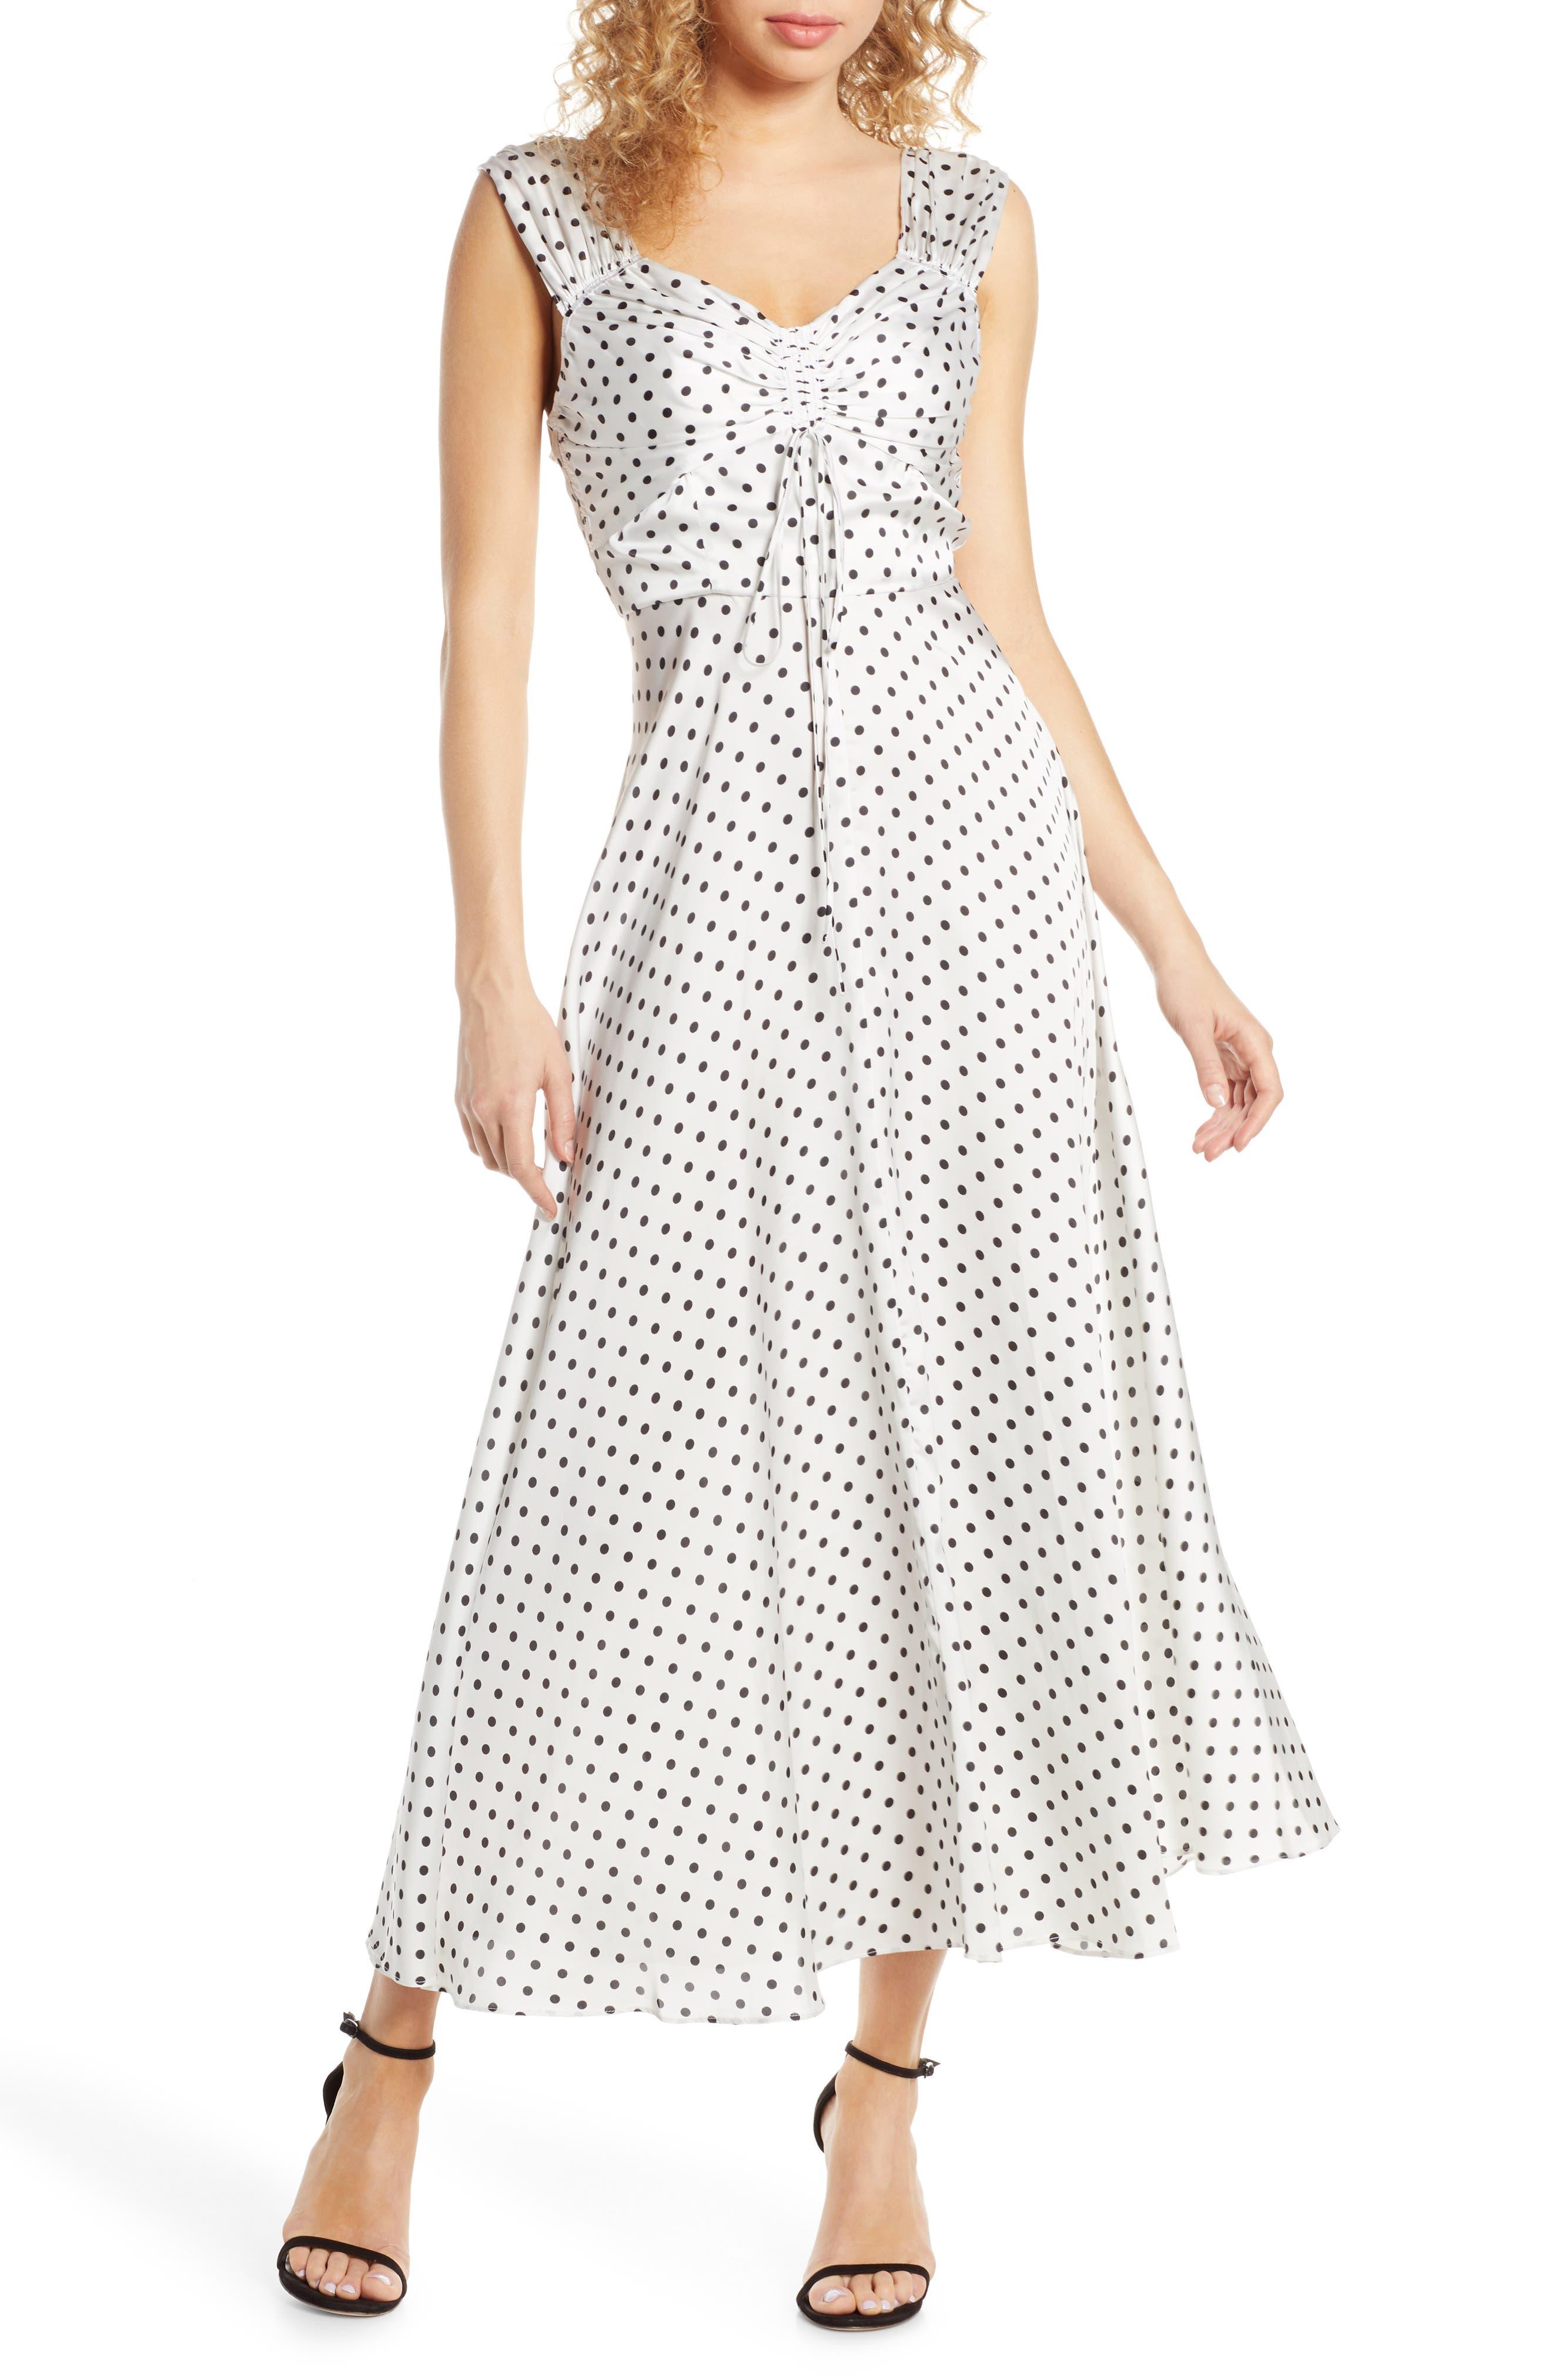 Jill Jill Stuart Dot Print Dress, Black